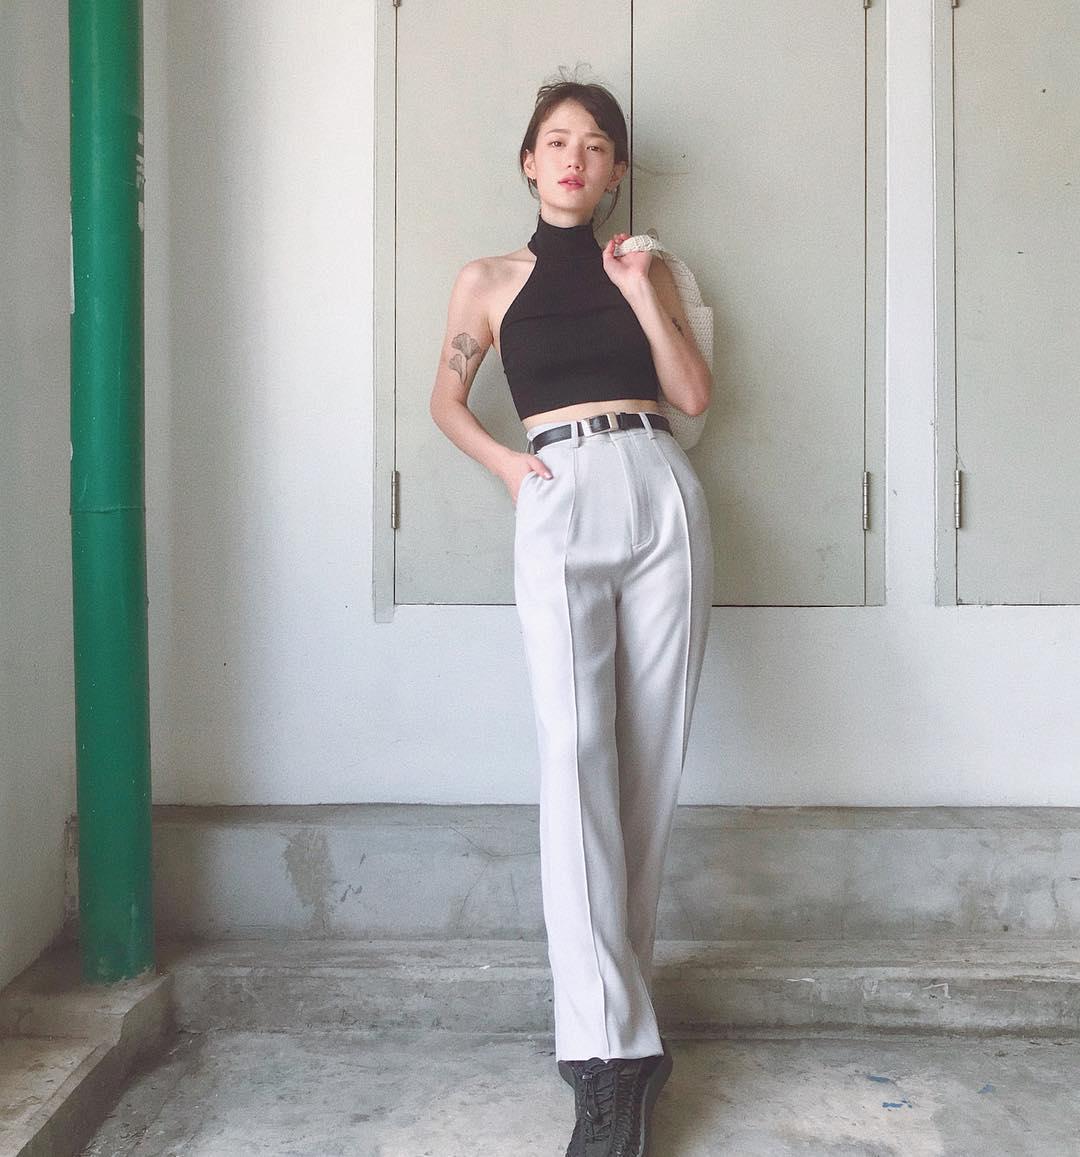 Hot girl Thái Lan chỉ mặc đồ cơ bản, giá rẻ bèo vẫn nổi khắp châu Á Ảnh 10